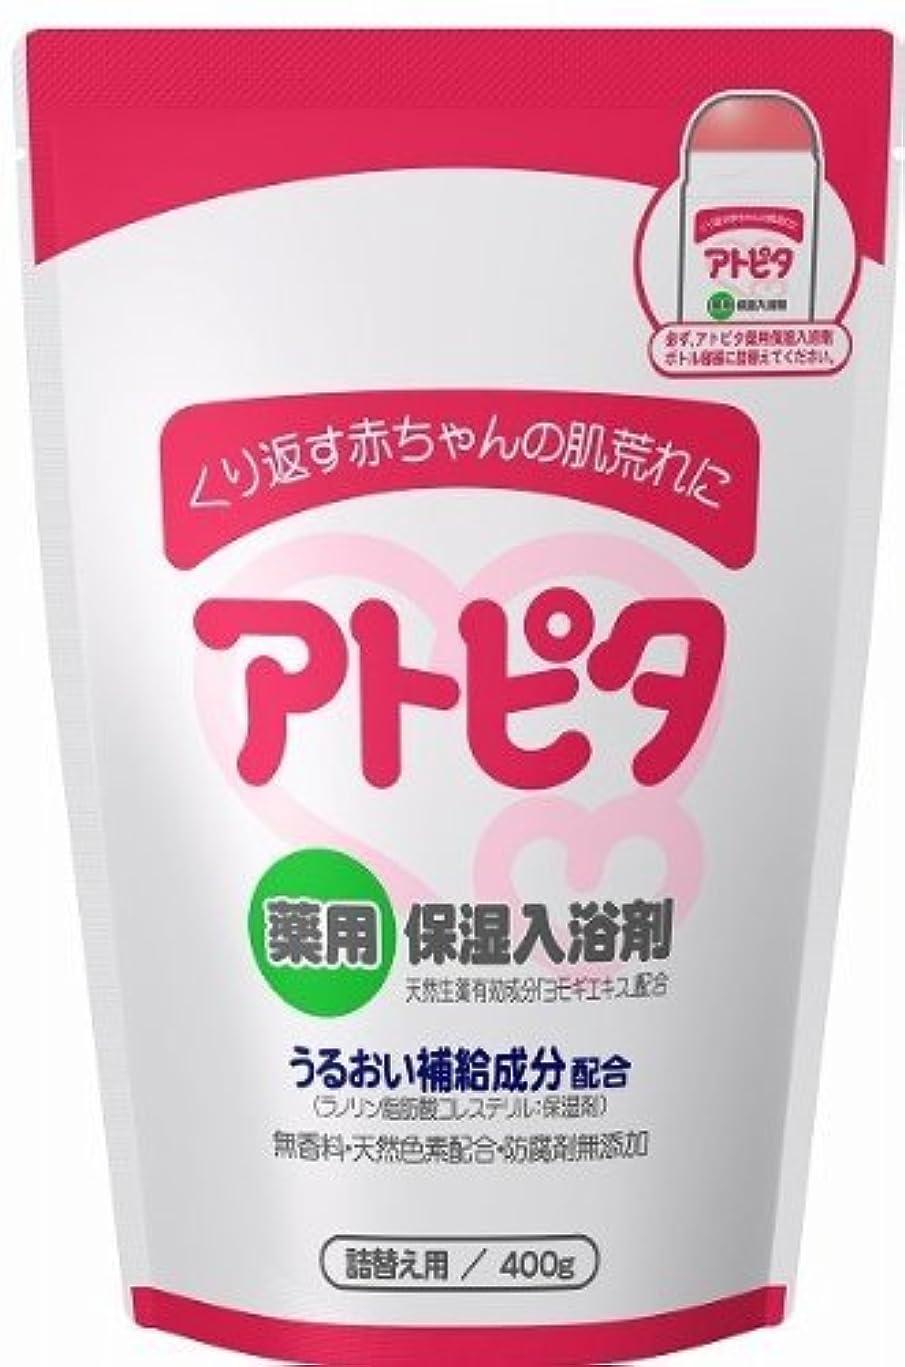 クモビジョン部屋を掃除する薬用入浴剤 アトピタ 400g(詰替え用)